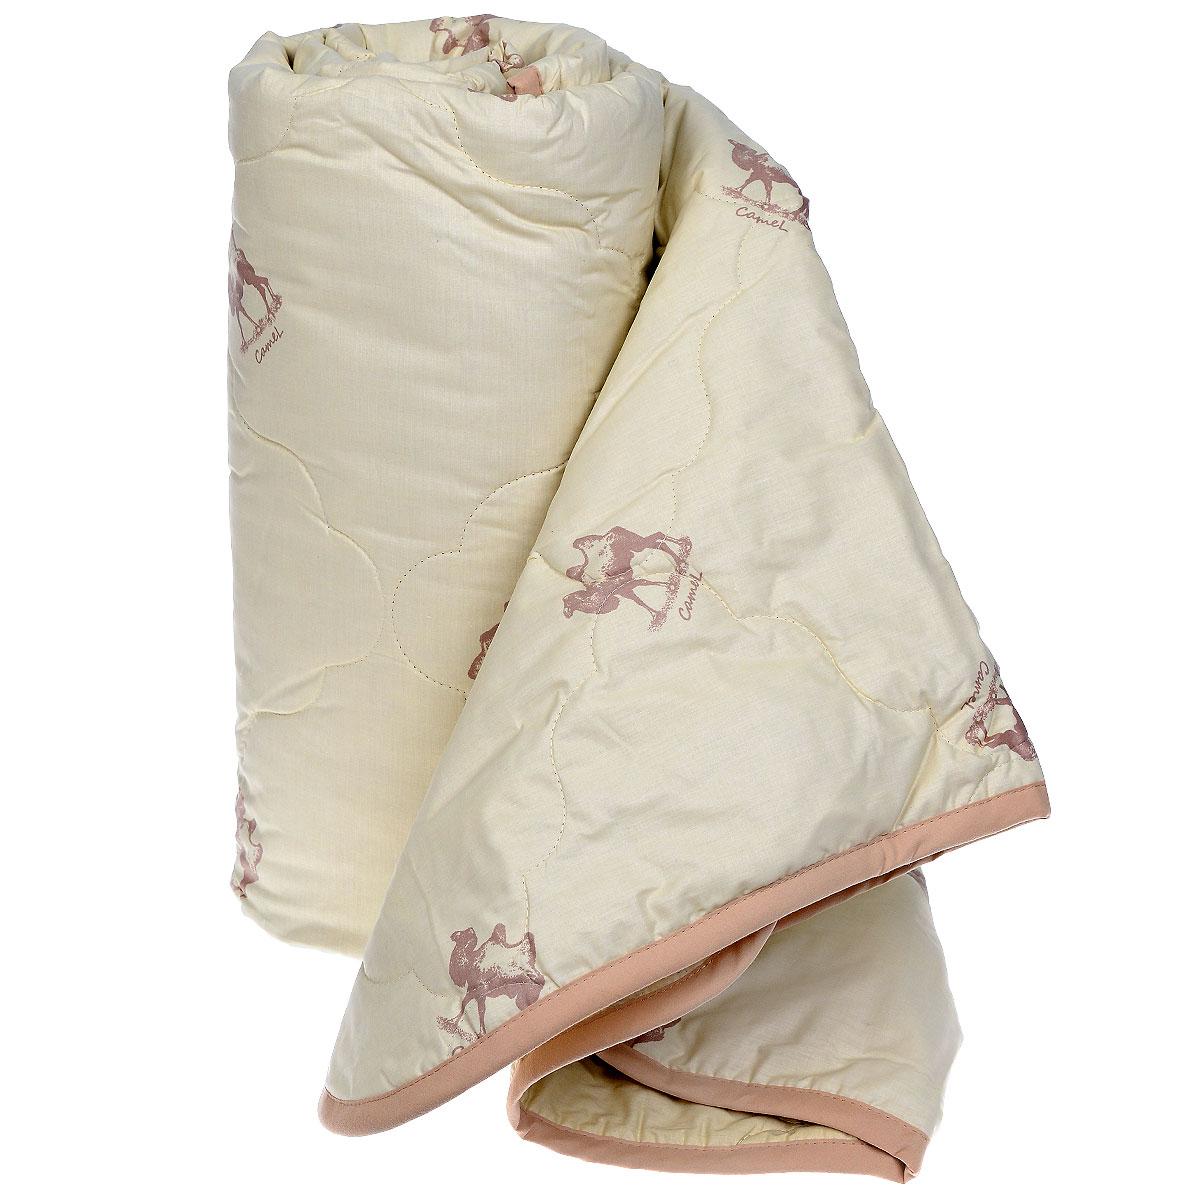 Одеяло Sova & Javoronok, наполнитель: верблюжья шерсть, цвет: бежевый, 200 х 220 см10503Чехол одеяла Sova & Javoronok выполнен из высококачественного плотного материала тик(100% хлопок). Наполнитель одеяла изготовлен из верблюжьей шерсти. Стежка надежноудерживает наполнитель внутри и не позволяет ему скатываться.Особенности наполнителя: - исключительные терморегулирующие свойства; - высокое качество прочеса и промывки шерсти; - великолепные ощущения комфорта и уюта. Верблюжья шерсть обладает целебными качествами, содержит наиболее высокий процентланолина (животного воска), который является природным антисептиком и благоприятновоздействует на организм по целому ряду показателей: оказывает благотворное действие намышцы, суставы, позвоночник, нормализует кровообращение, имеет профилактическийэффект при заболевания опорно-двигательного аппарата. Кроме того, верблюжья шерстьантистатична.Шерсть верблюда сохраняет прохладу в период жаркого лета и удерживает тепло во времясуровой зимы.Одеяло упакована в прозрачный пластиковый чехол на змейке с ручкой, что являетсячрезвычайно удобным при переноске. Рекомендации по уходу: - Стирка запрещена, - Нельзя отбеливать. При стирке не использовать средства, содержащие отбеливатели (хлор),- Не гладить. Не применять обработку паром, - Химчистка с использованием углеводорода, хлорного этилена, - Нельзя выжимать и сушить в стиральной машине.Размер одеяла: 200 см х 220 см.Материал чехла: тик (100% хлопок).Материал наполнителя: верблюжья шерсть.